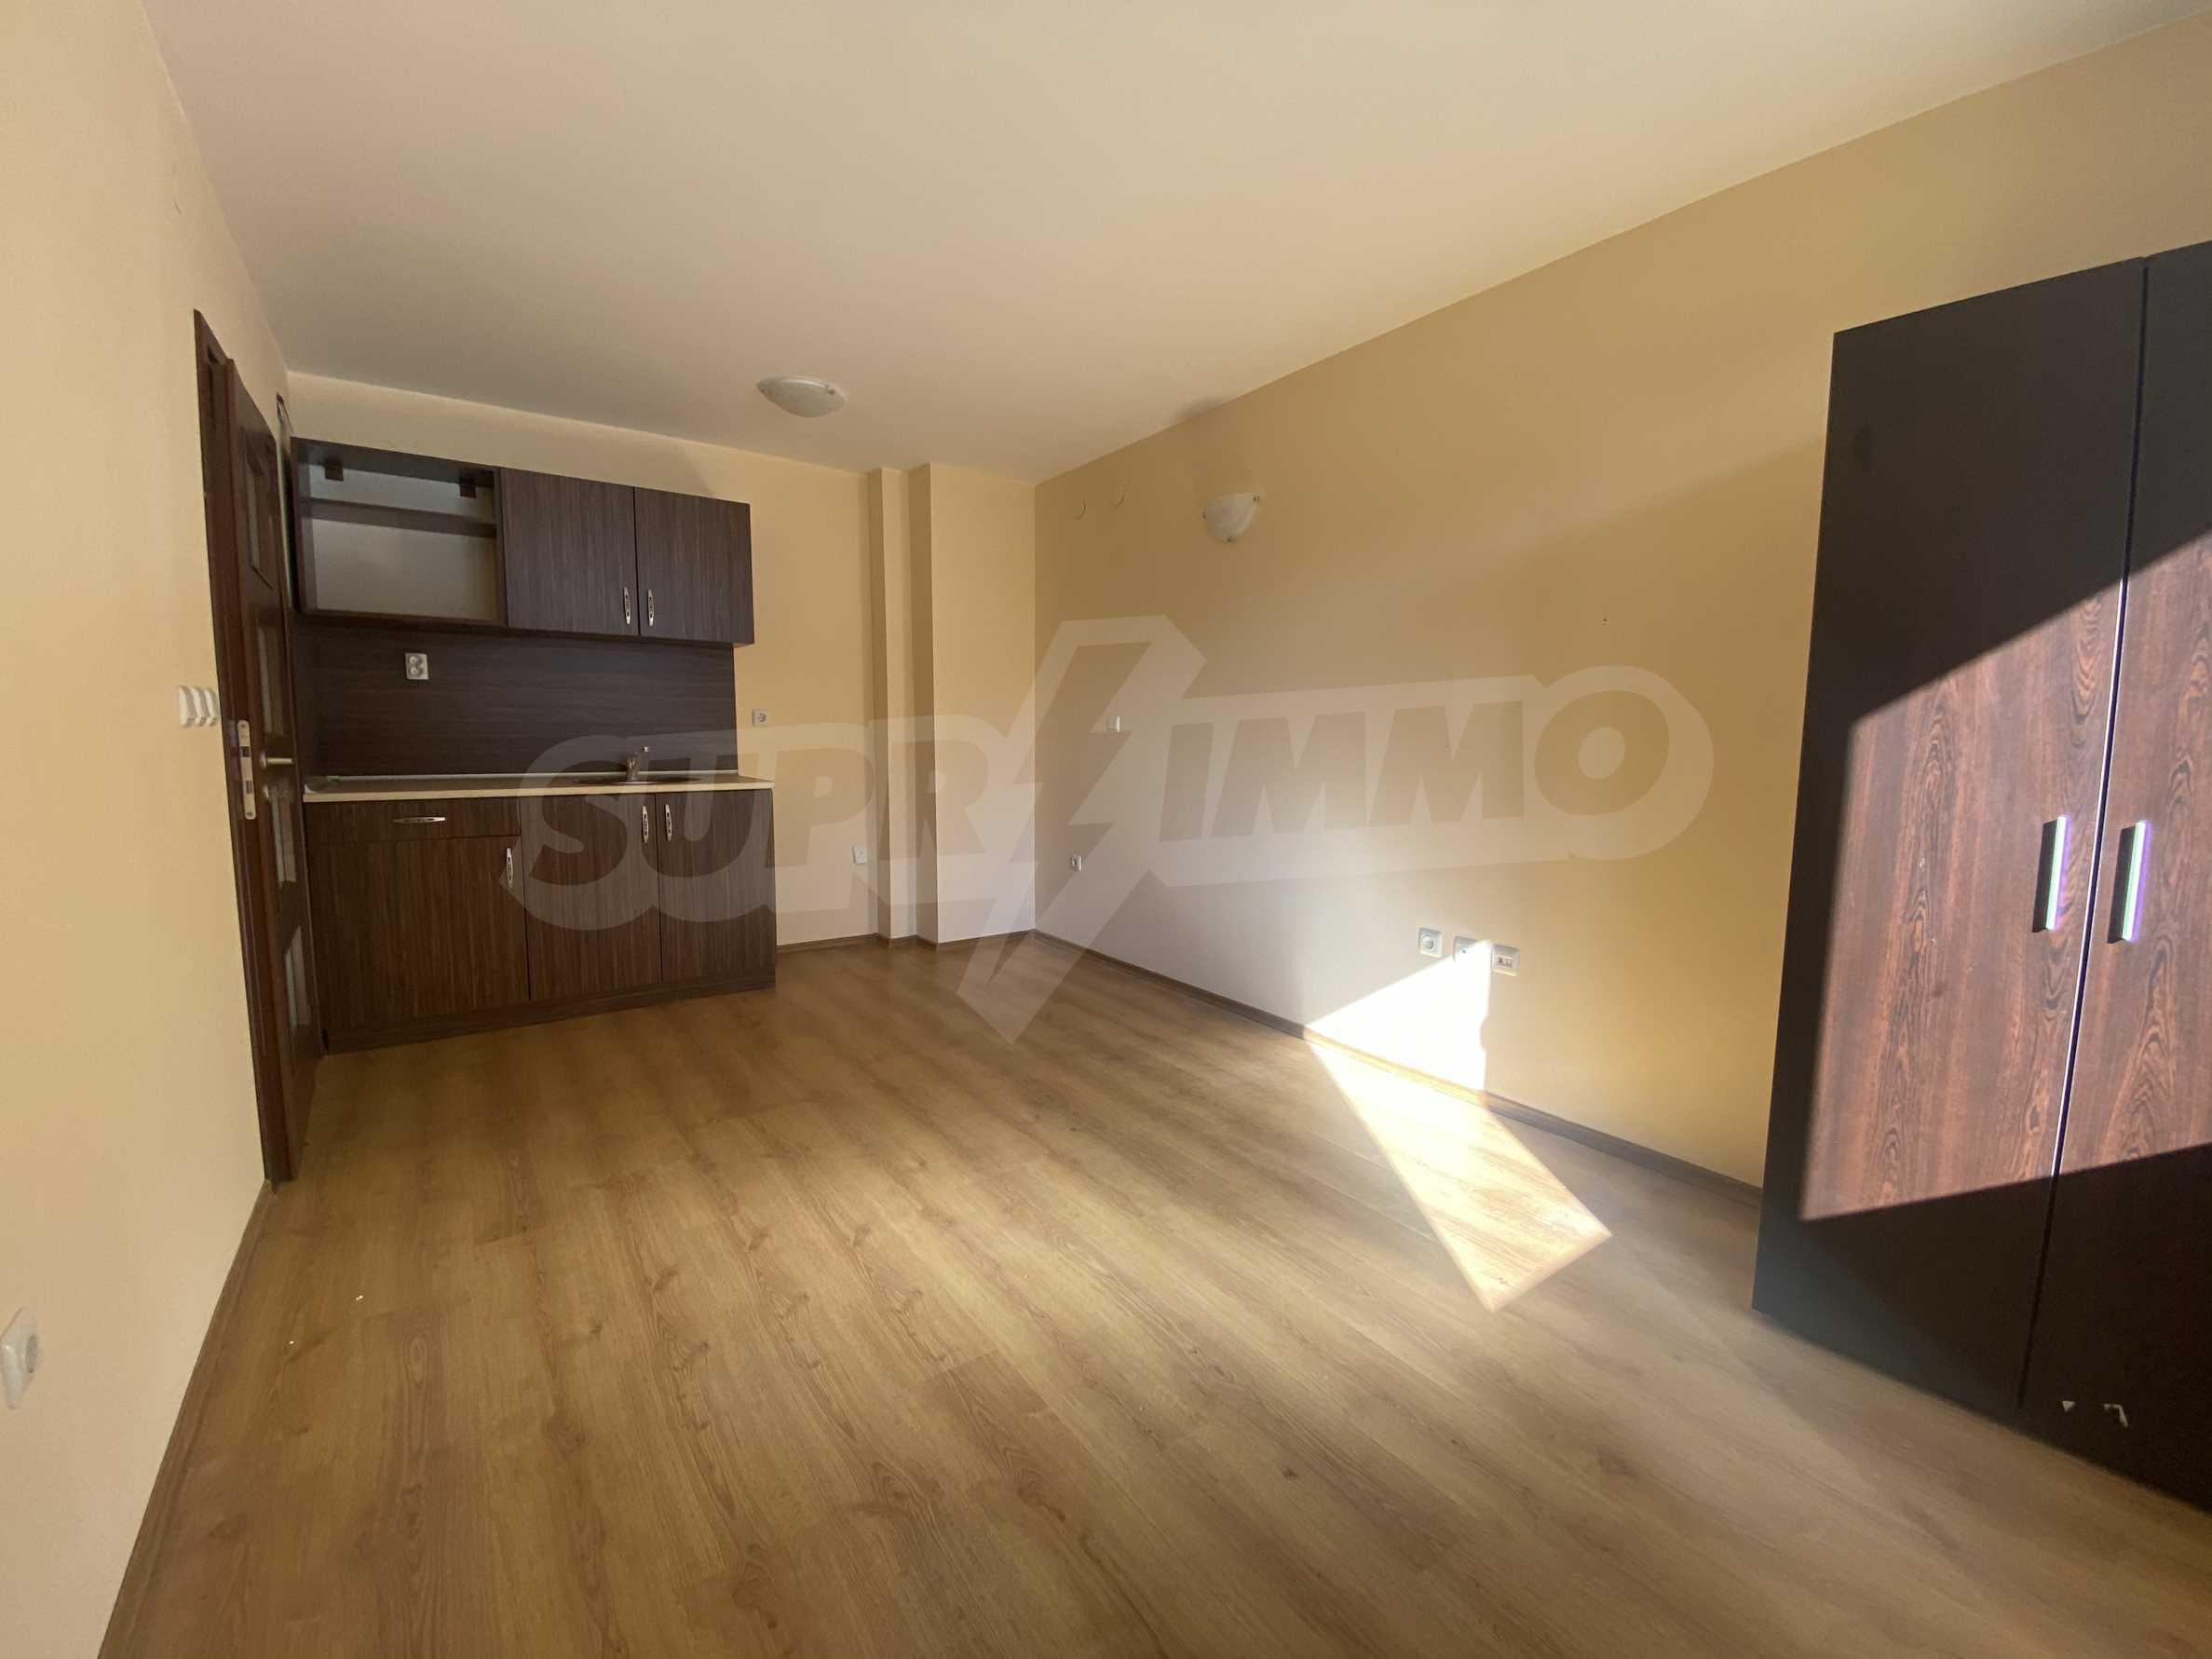 Необзаведен двустаен апартамент за продажба в СПА комплекс в Банско 1